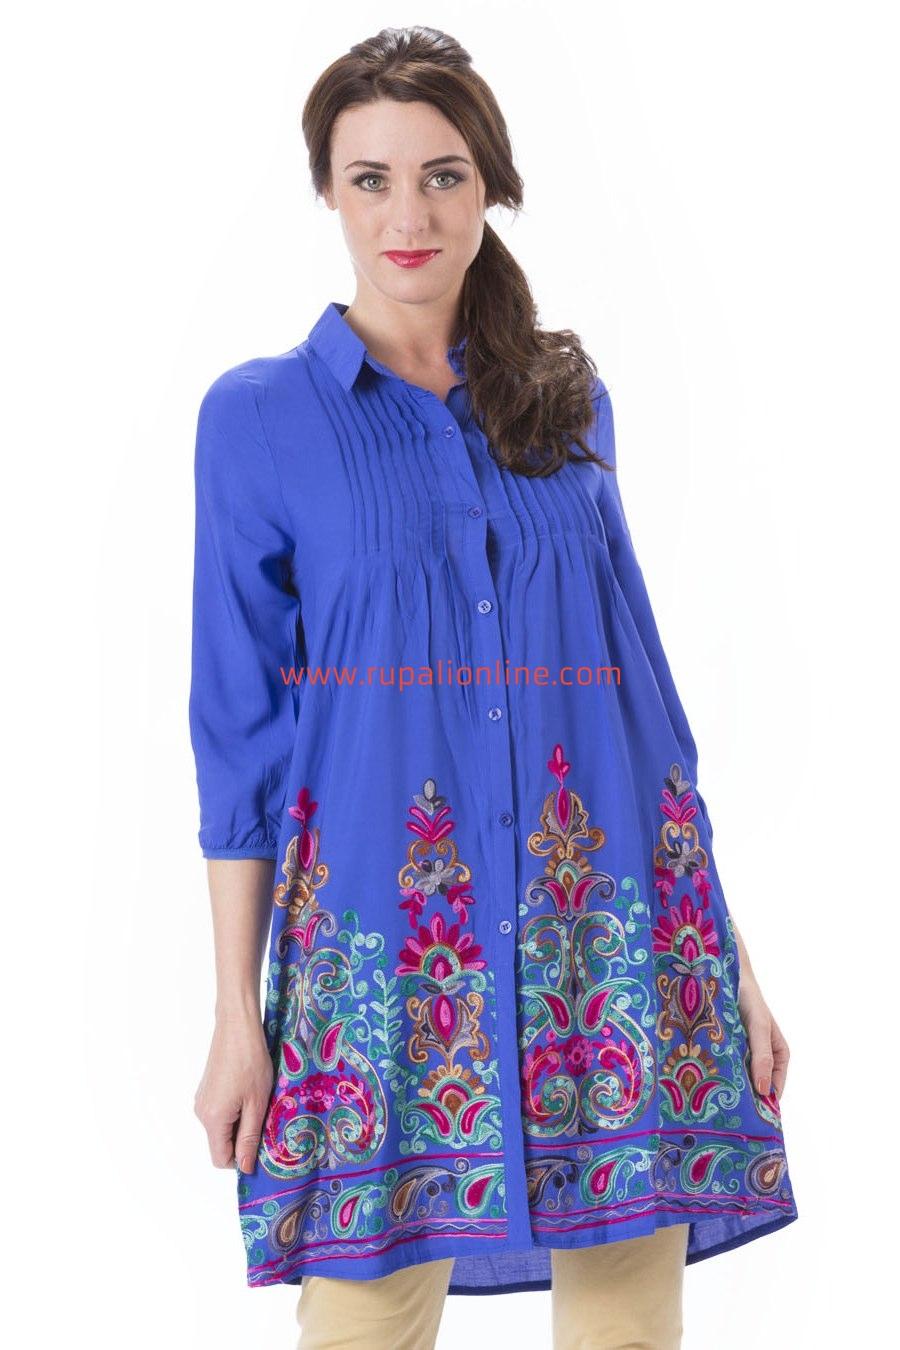 516e94a421e Buy Kaftans like embroidered kaftan, womens kaftans, Arabic kaftan,  designer kaftan, camilla kaftan, silk kaftan, kaftan online, kaftan tops,at  rupalionline